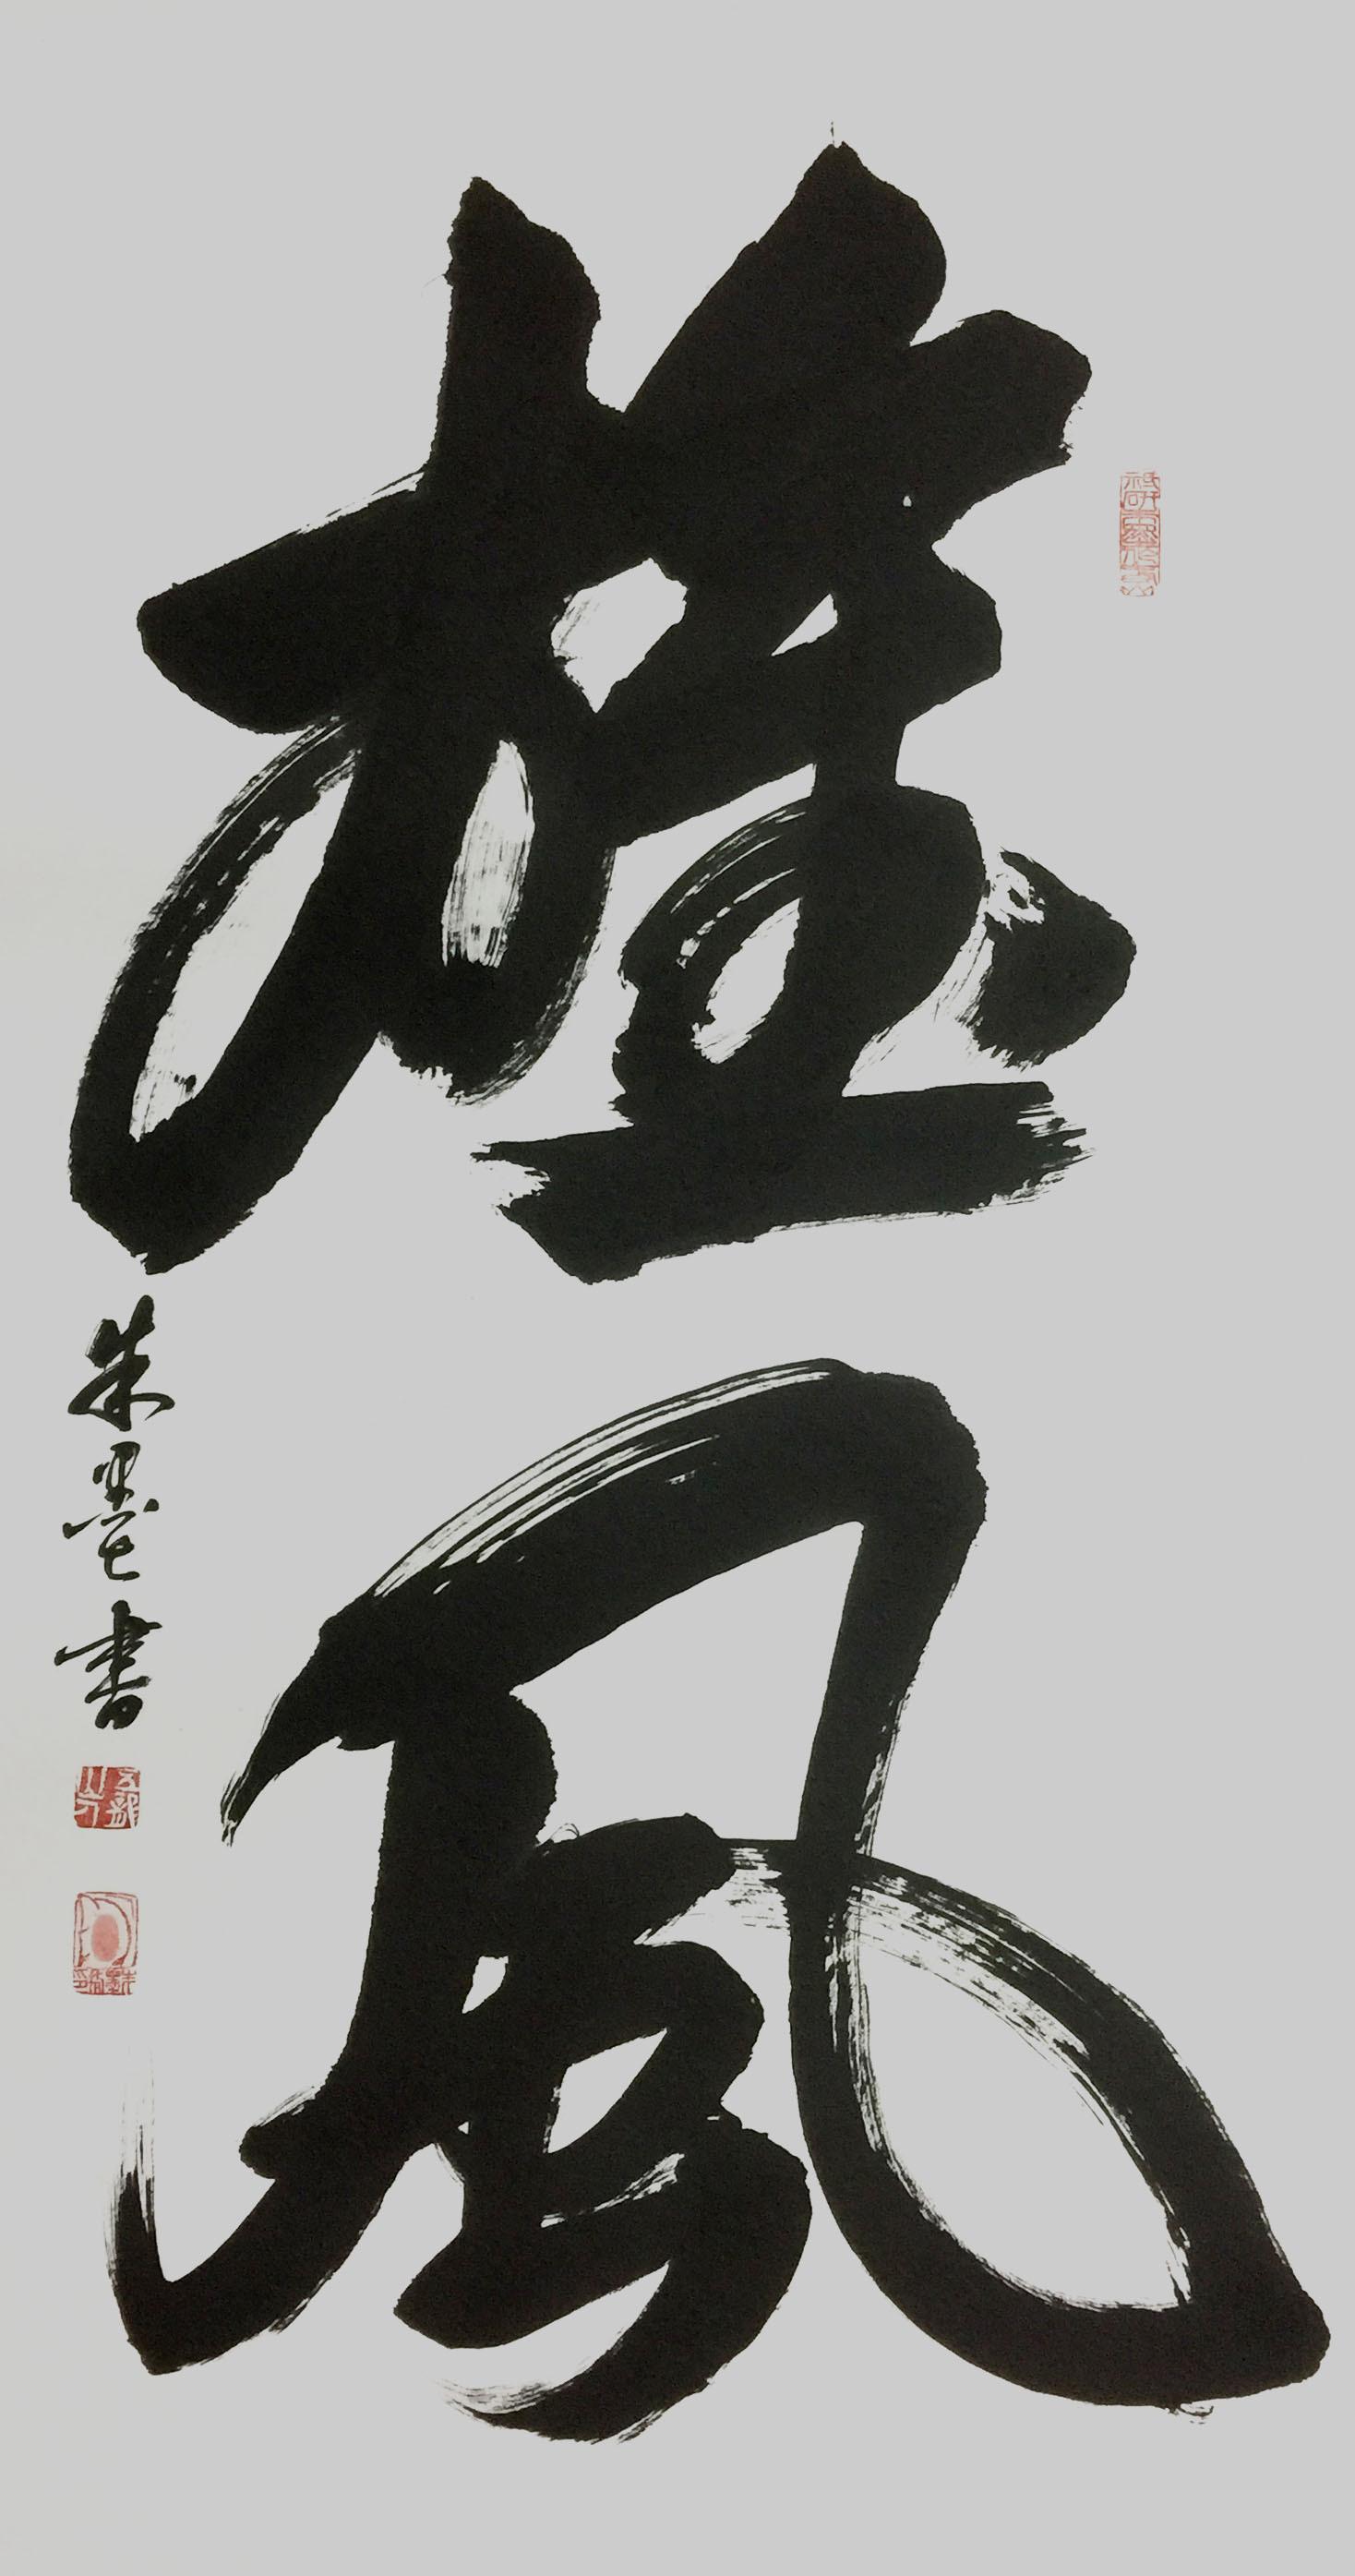 2015年他的事迹被载入中国国家大典.图片